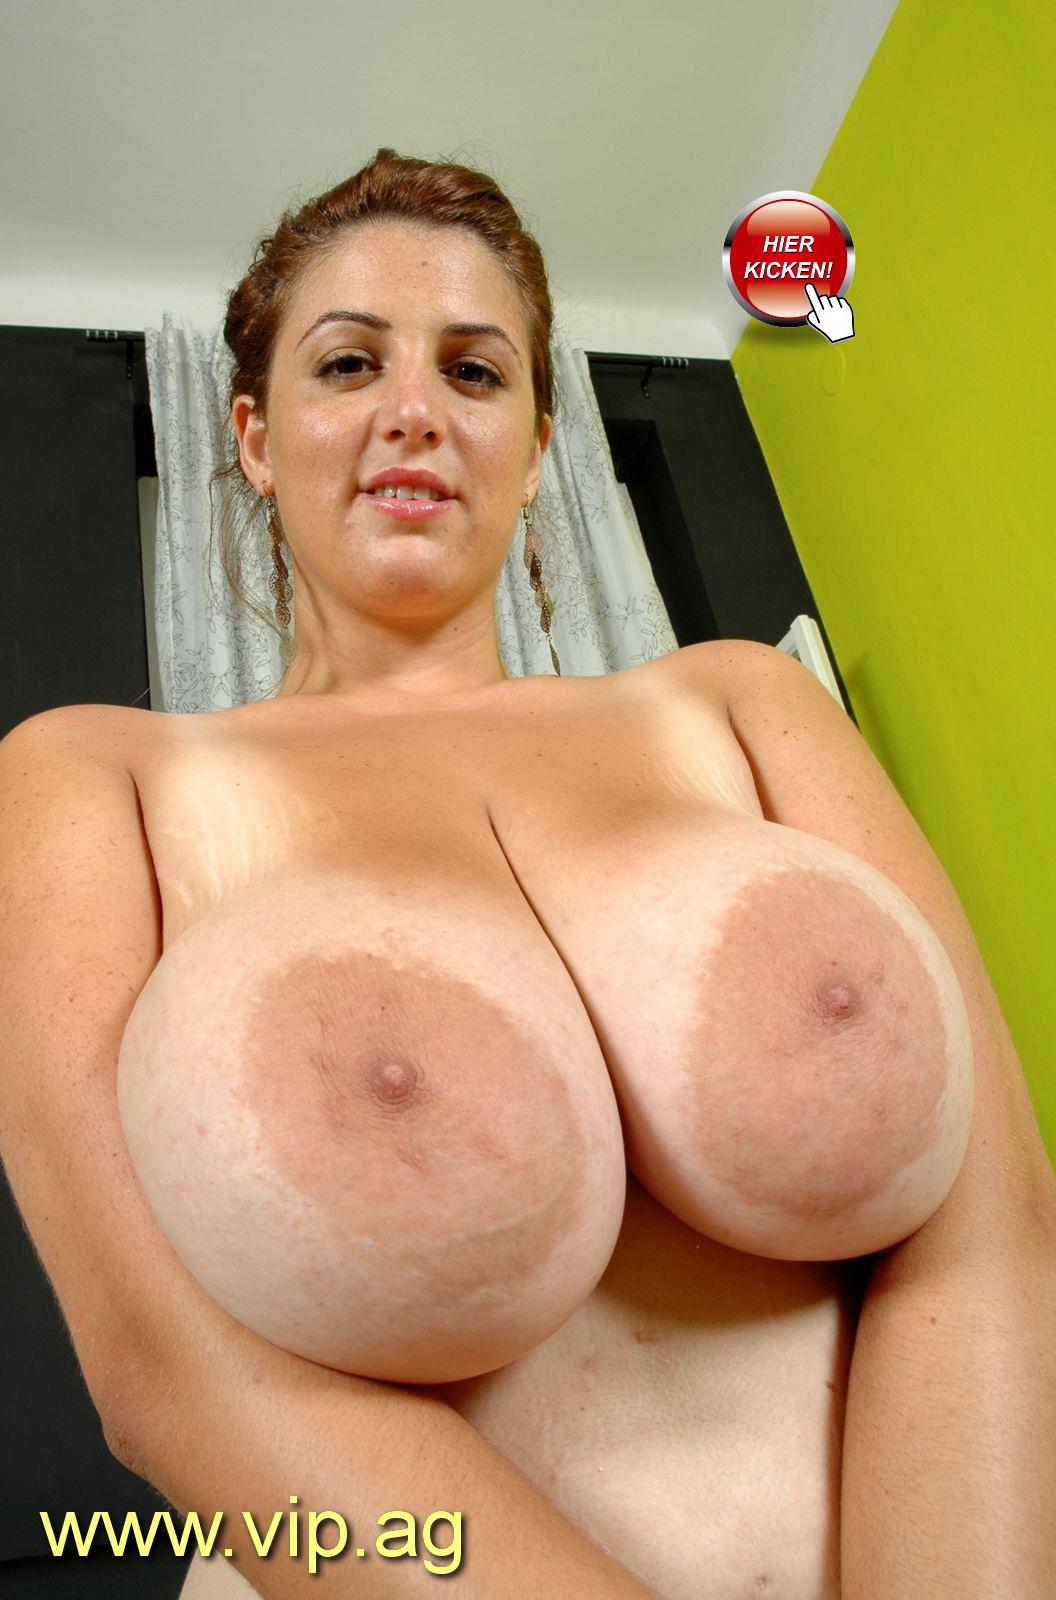 Sexy Hausfrauen Amberg